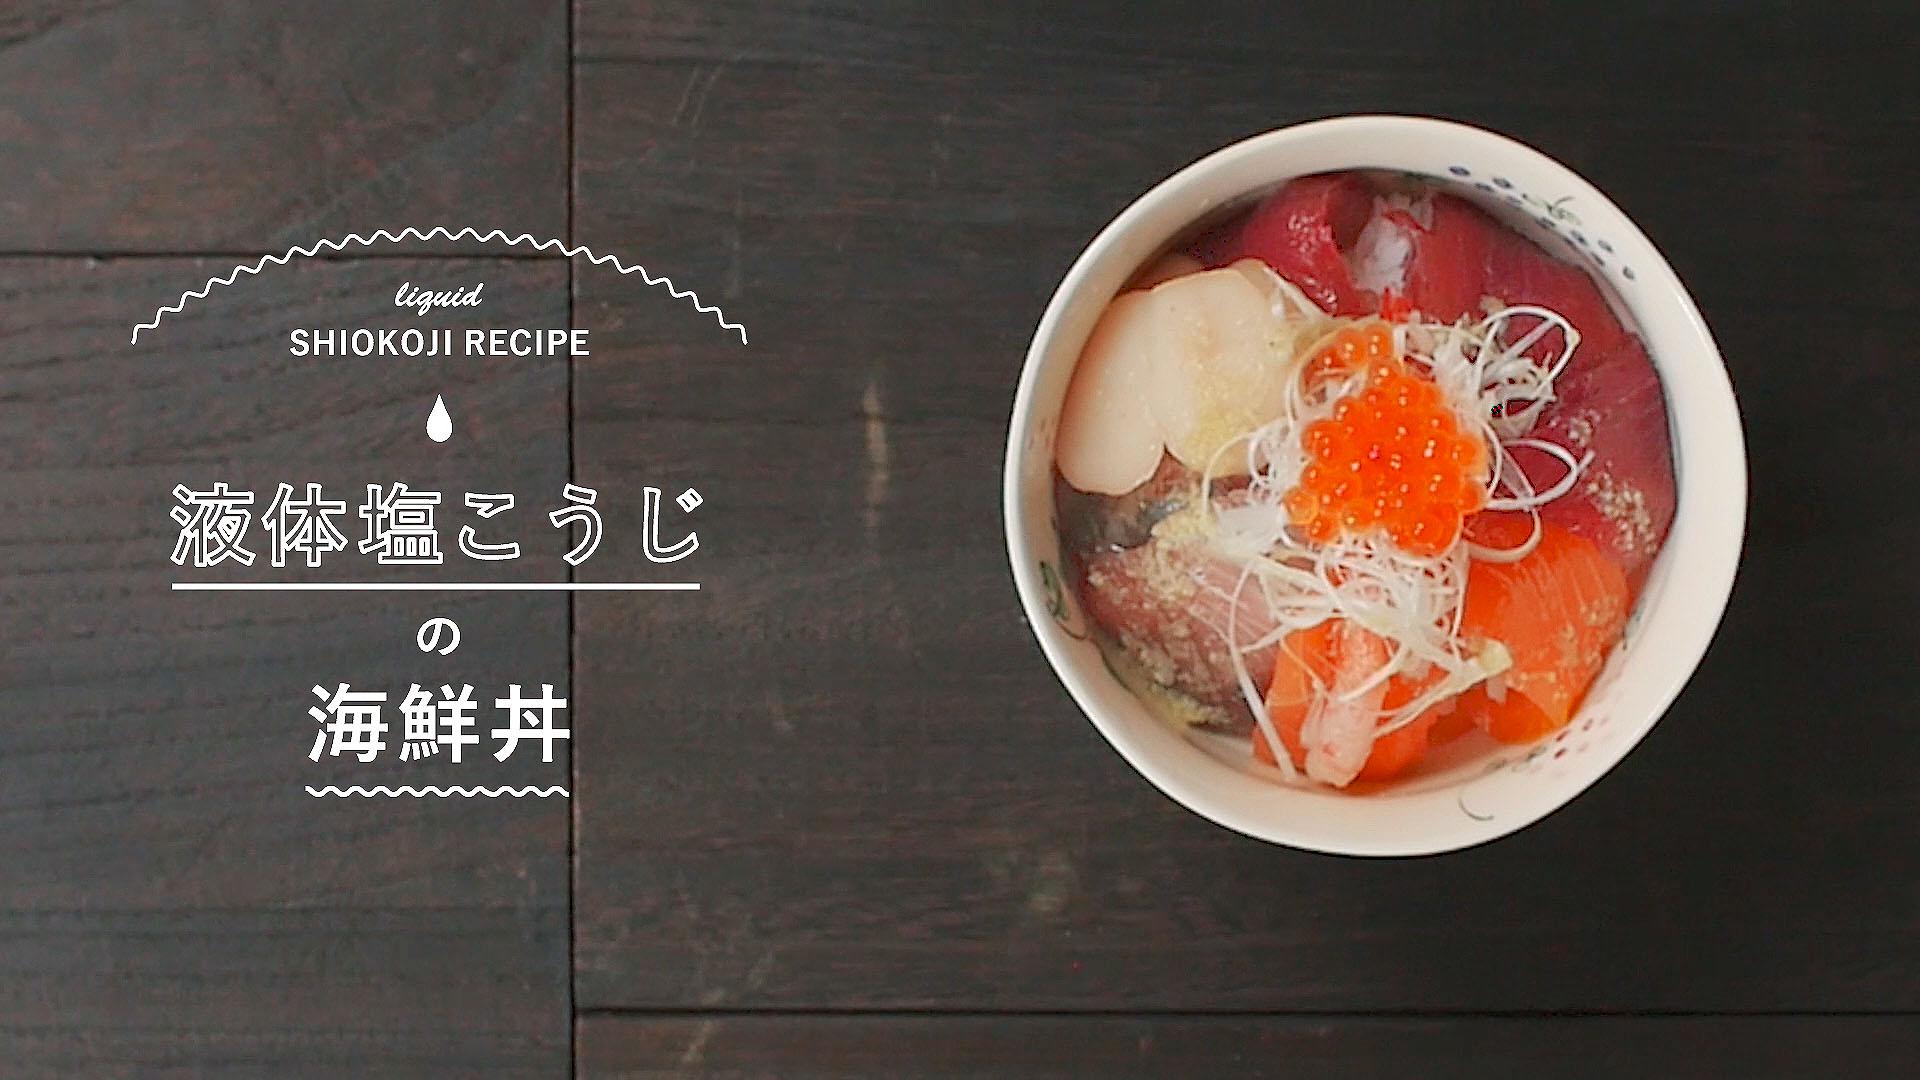 【液体塩こうじレシピ】海鮮丼 漬けるだけでアレンジ 塩こうじ丼の完成!